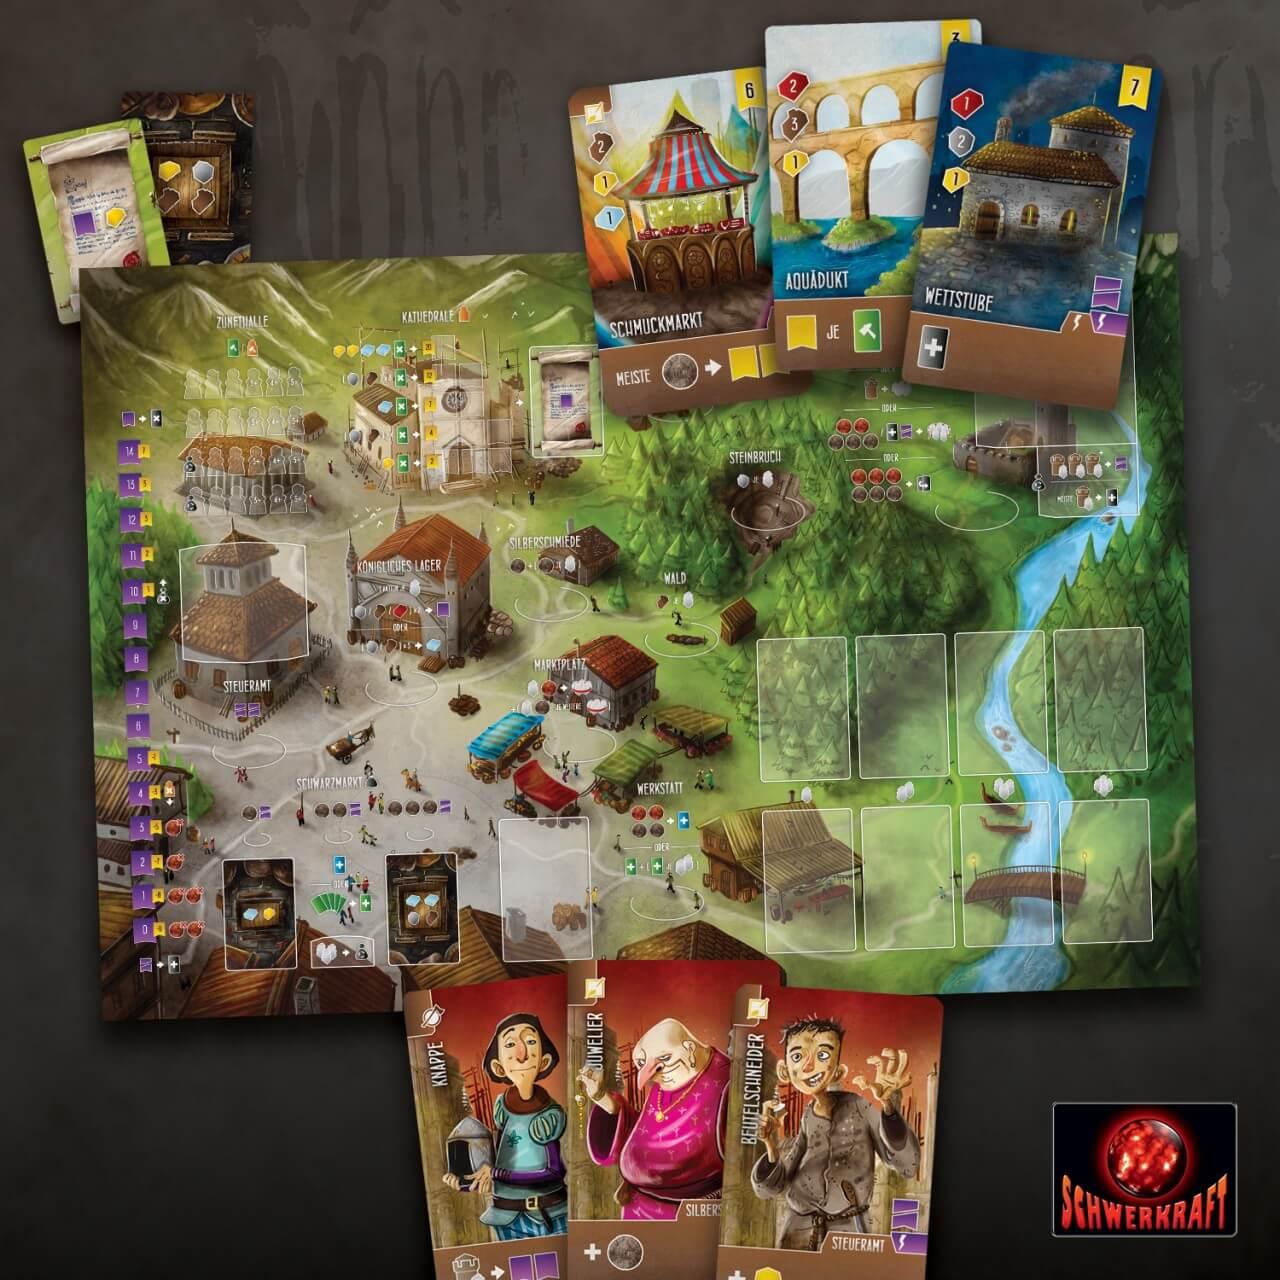 Spielmaterial - Spielplan mit Karten- Architekten des Westfrankenreichs